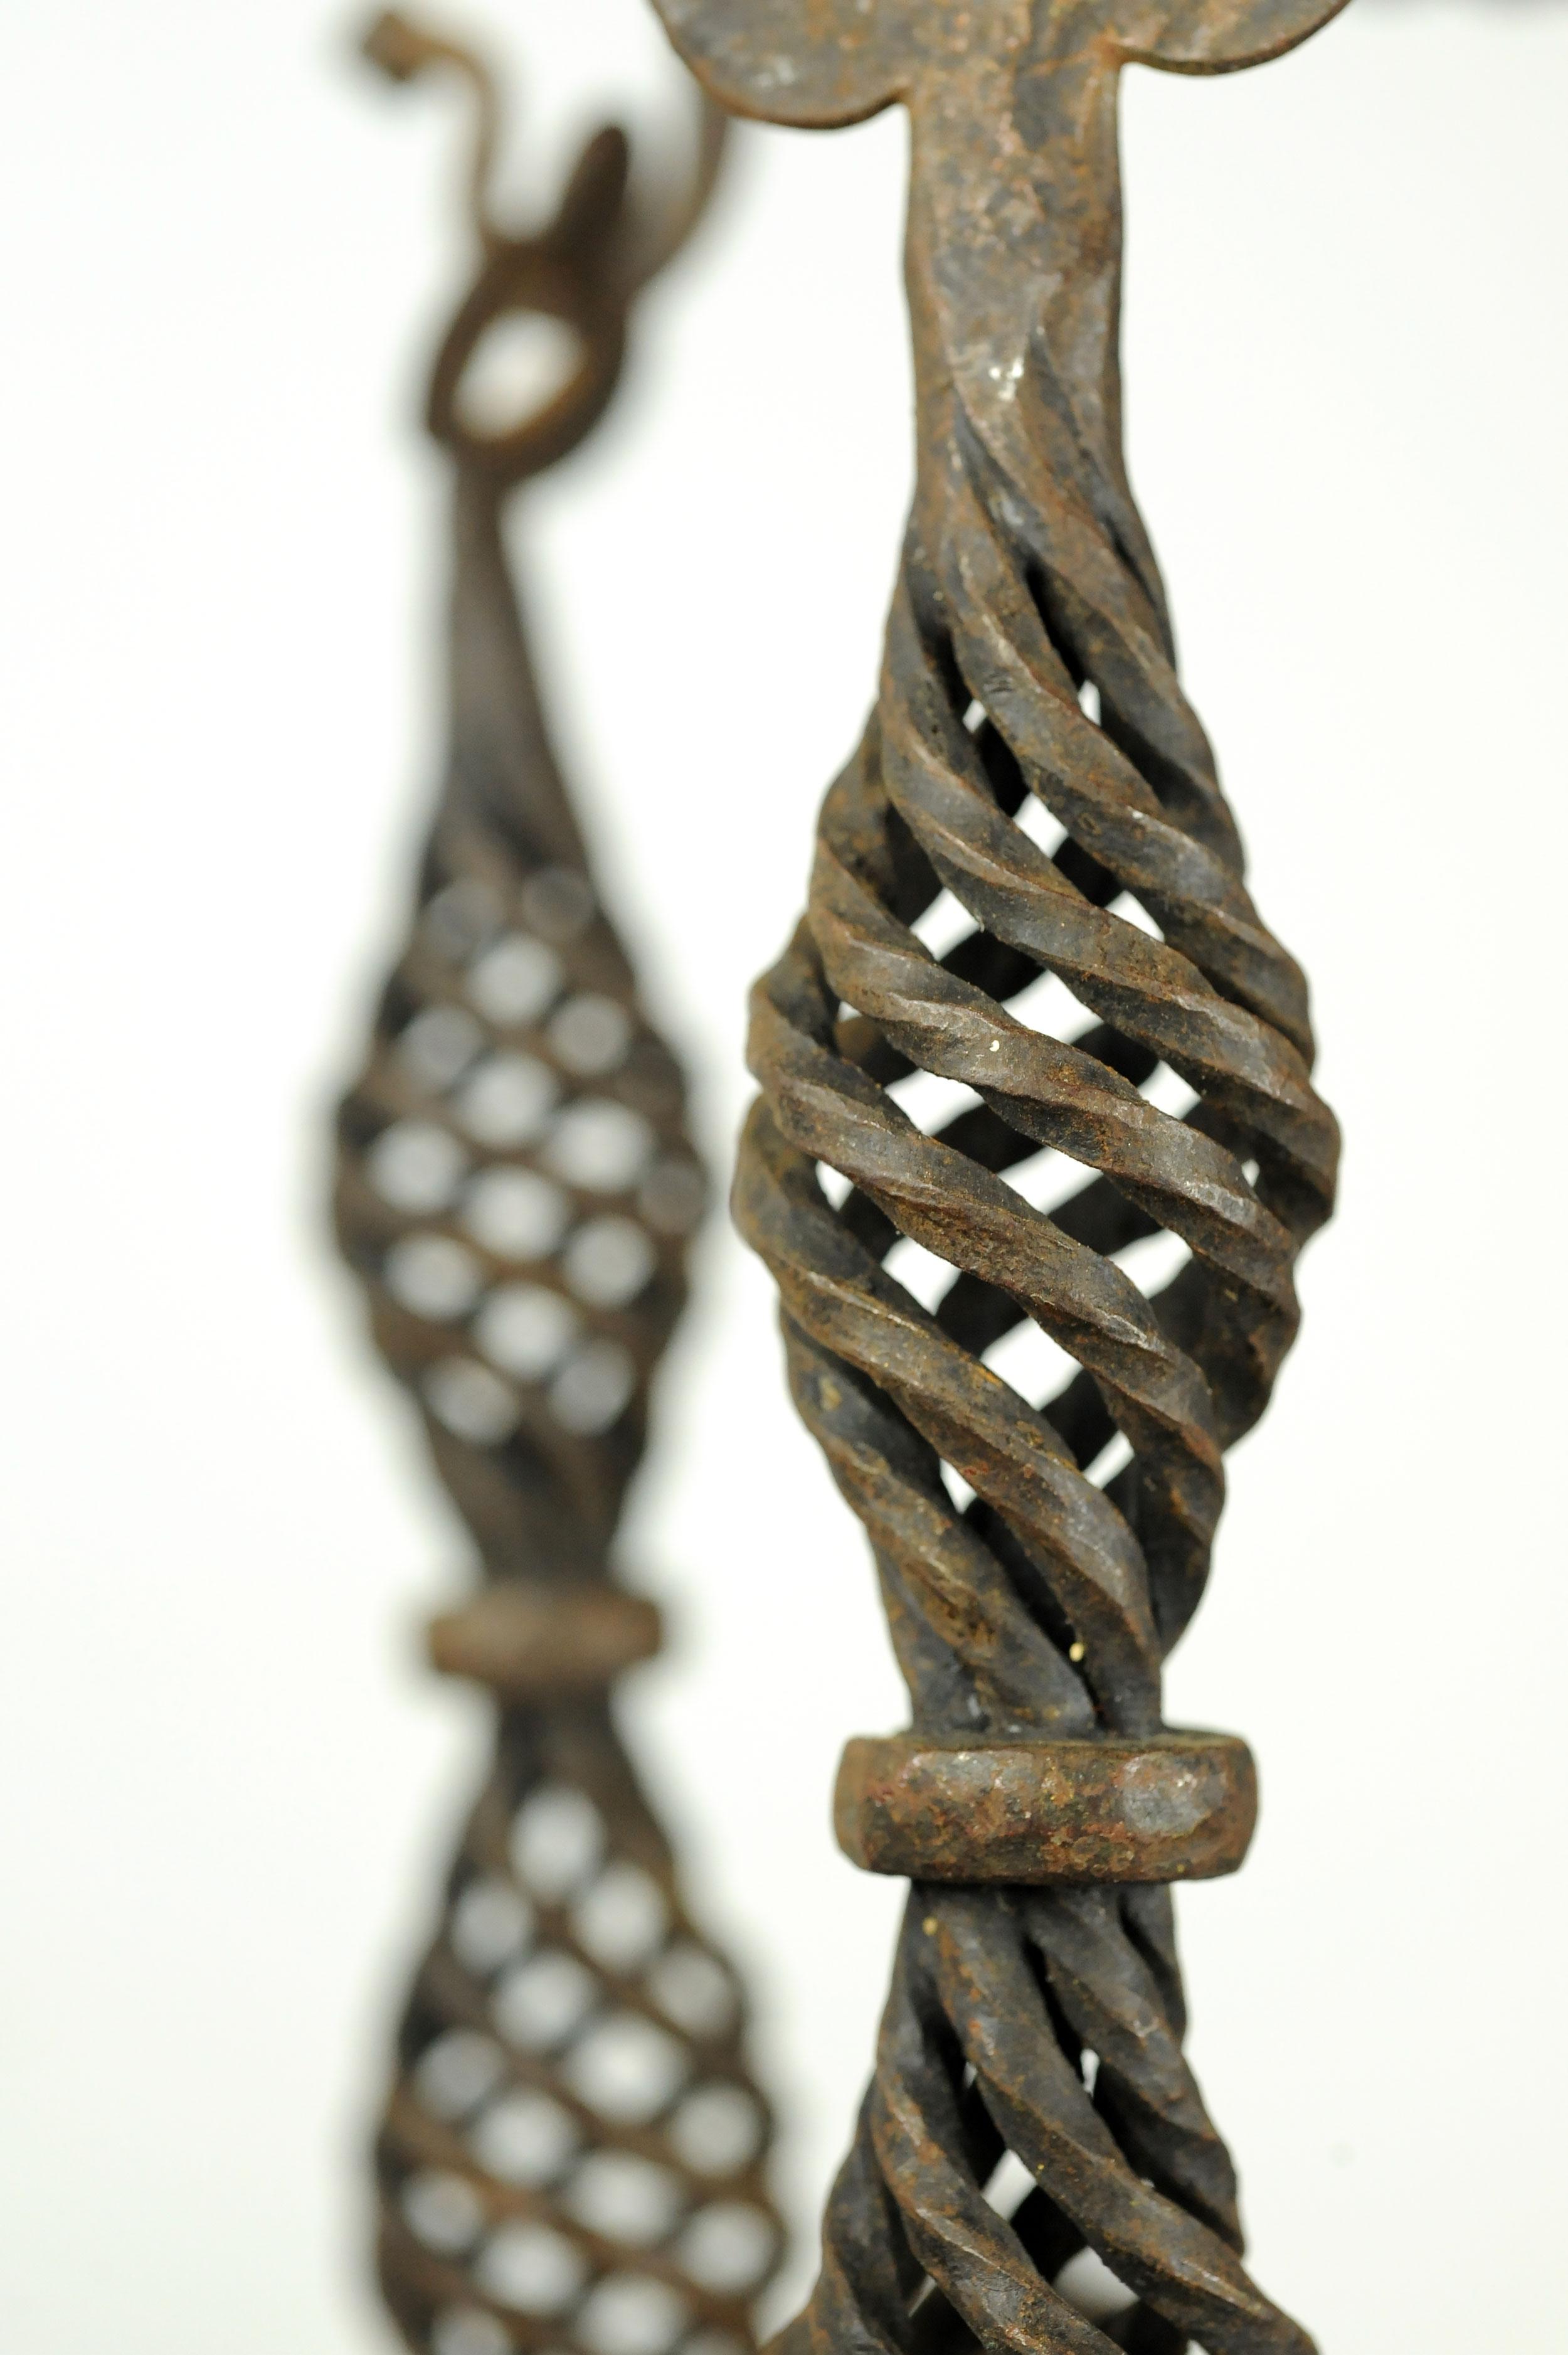 47170-tudor-4-arm-chandelier-curly-arms.jpg